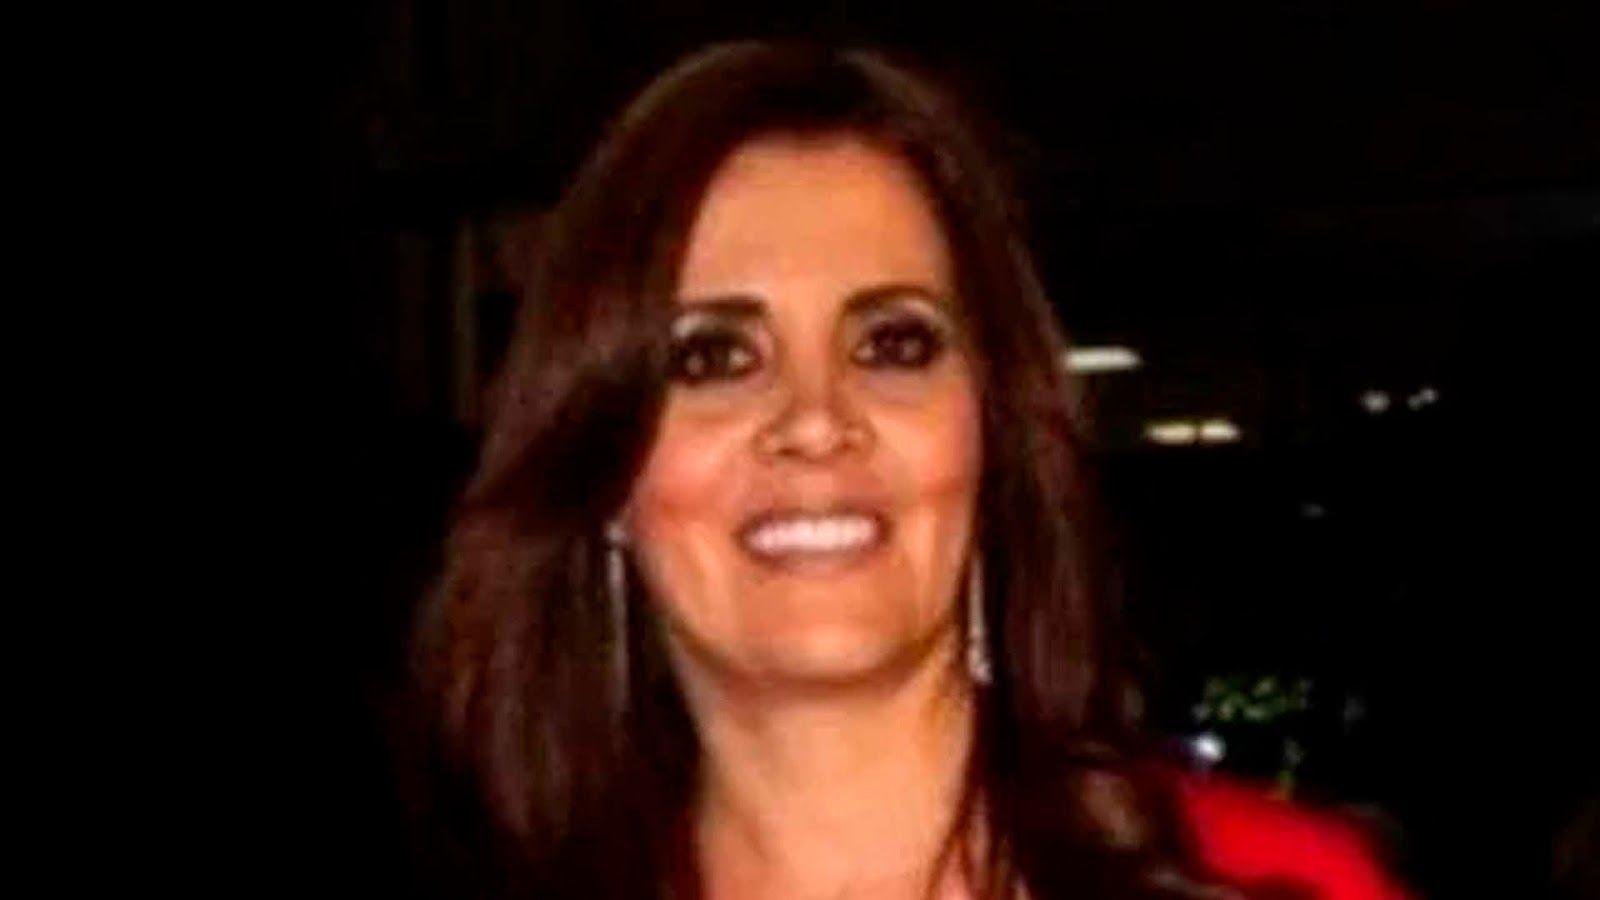 La noche de este sábado falleció Grimy Muñoz Tovar, ex esposa del Gobernador del Estado de México, Eruviel Ávila Villegas, de acuerdo con ...